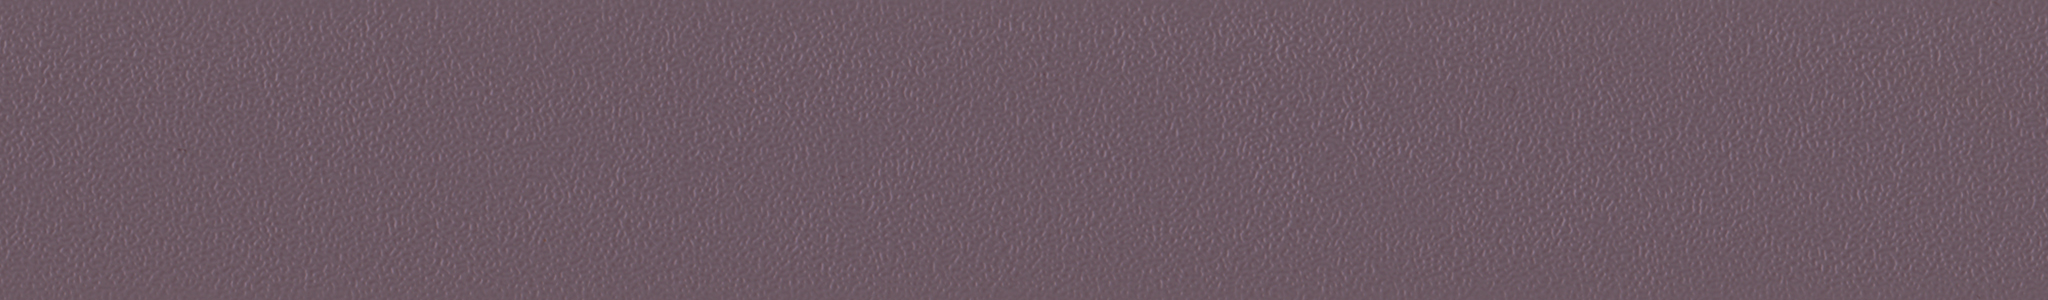 HU 153116 ABS hrana fialová perla 101